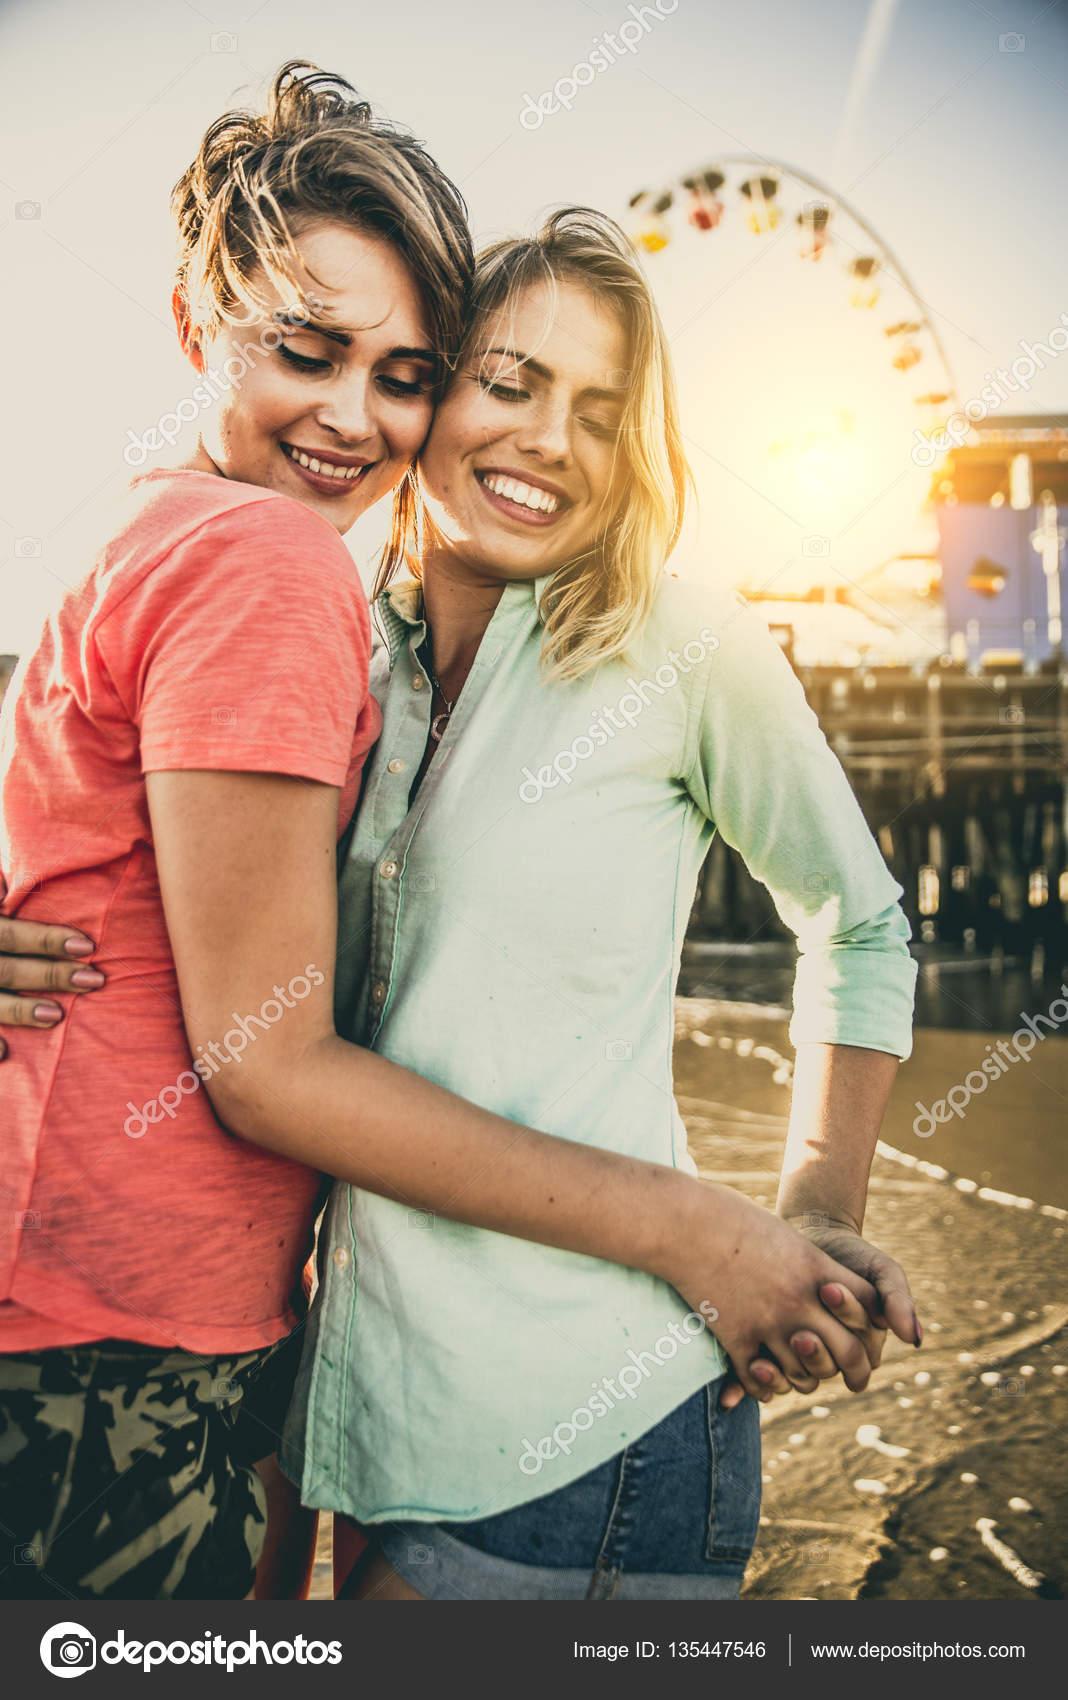 Лесбийская любовь знакомства бесплатные знакомства для секса по германии